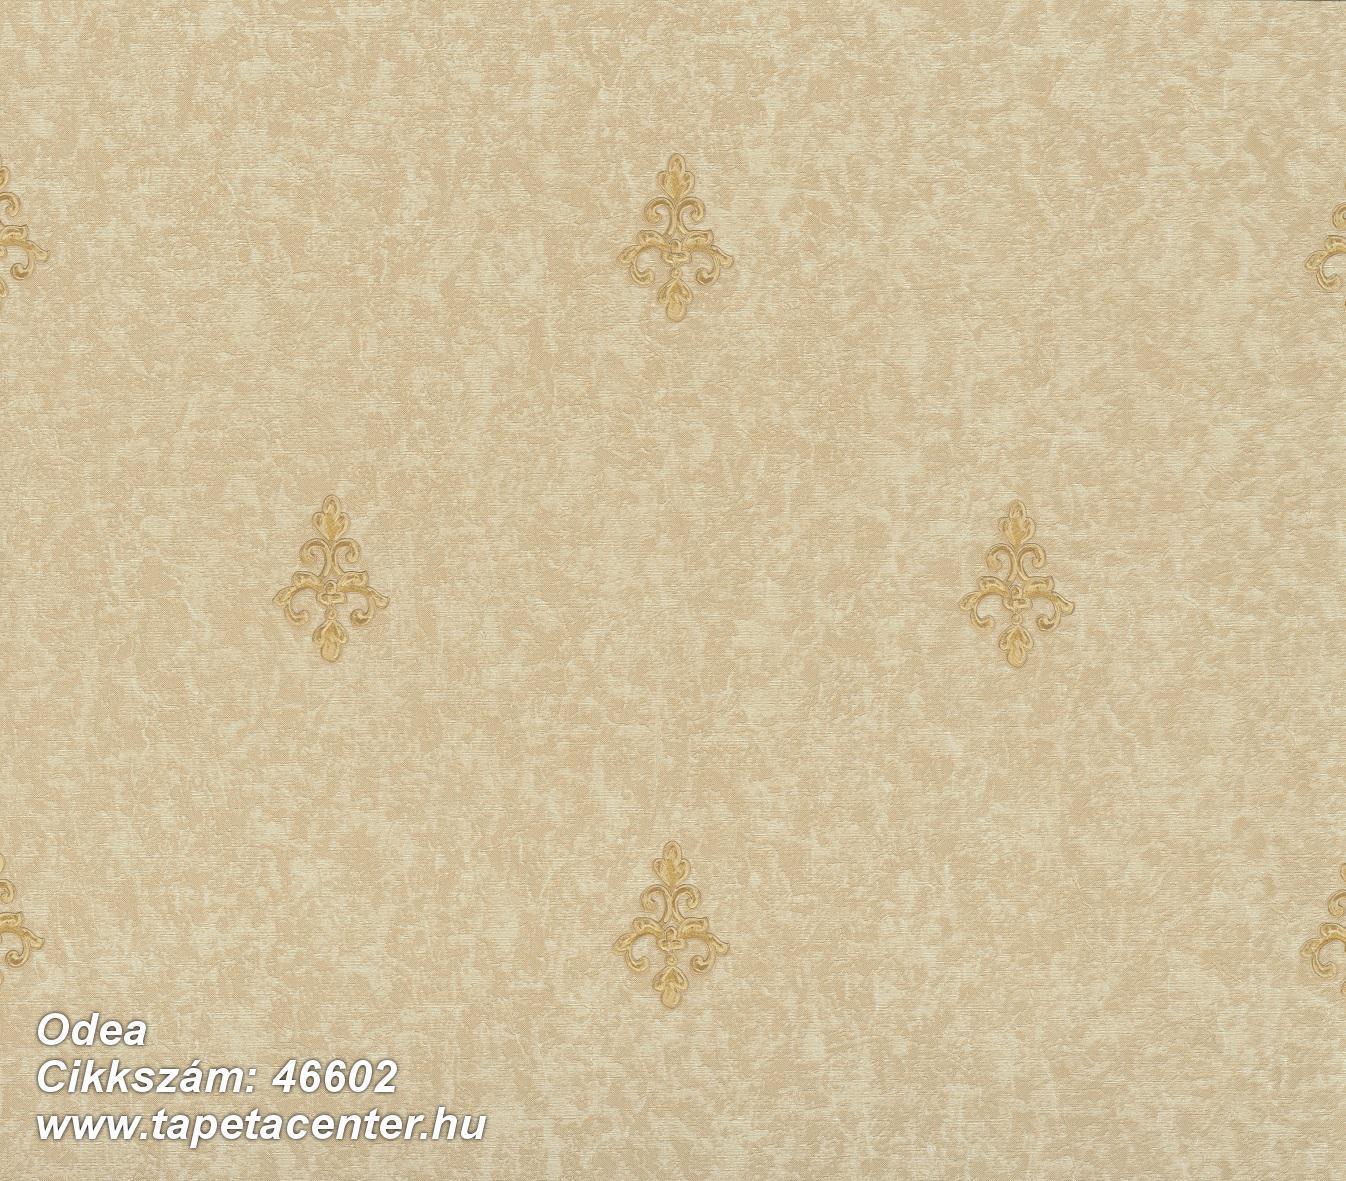 Odea - 46602 Olasz tapéta